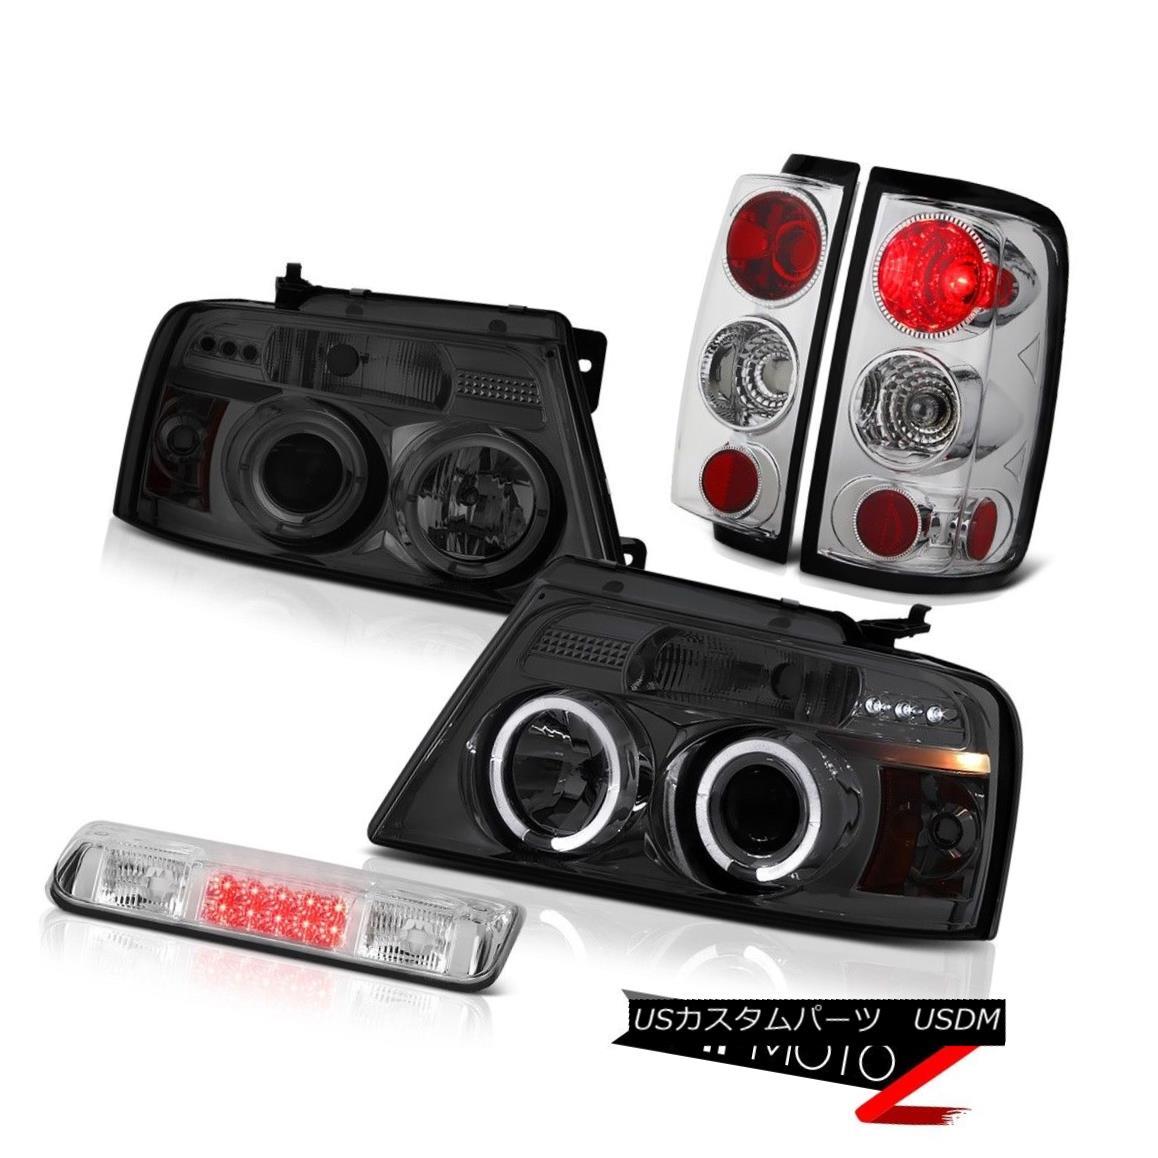 テールライト 04-08 Ford F150 STX Euro Chrome 3rd Brake Light Headlamps Tail Lights Altezza 04-08 Ford F150 STX Euro Chrome第3ブレーキライトヘッドライトテールライトAltezza